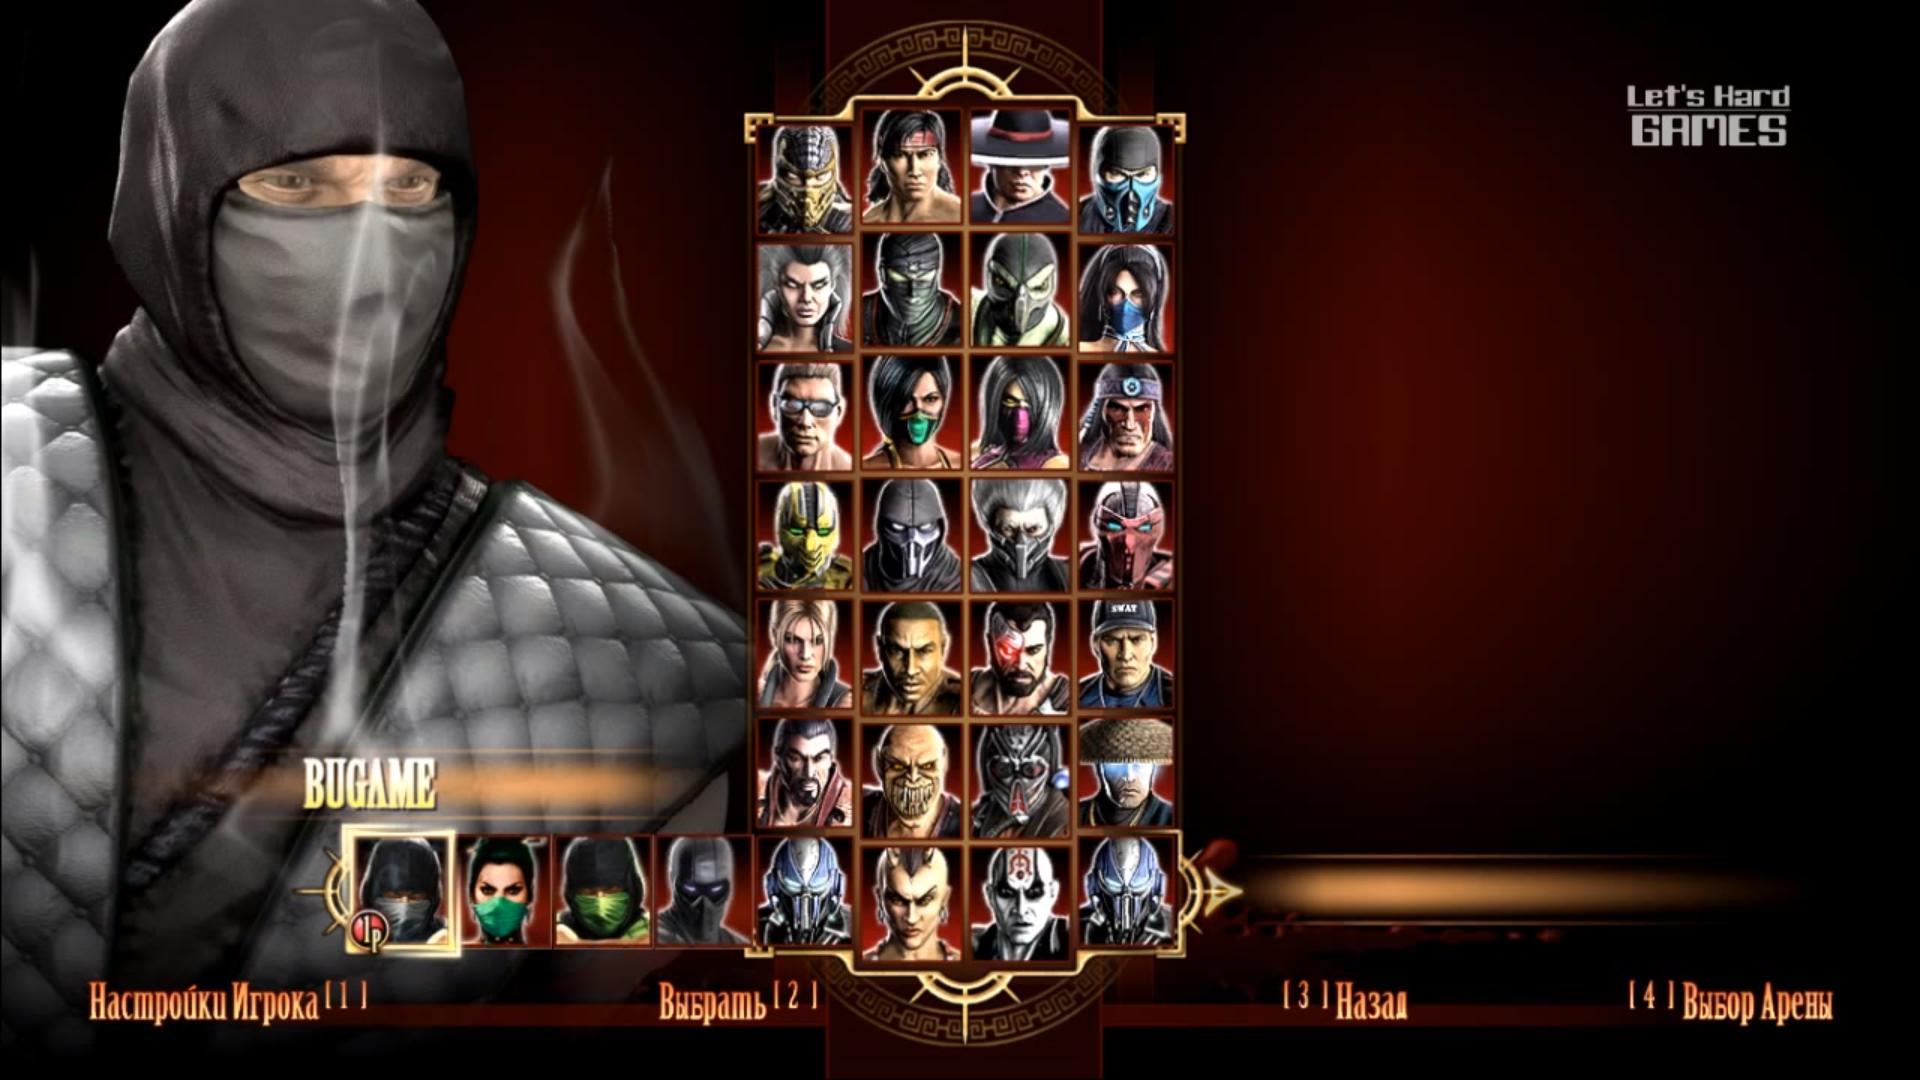 Обои Mortal kombat, персонажи, komplete edition. Игры